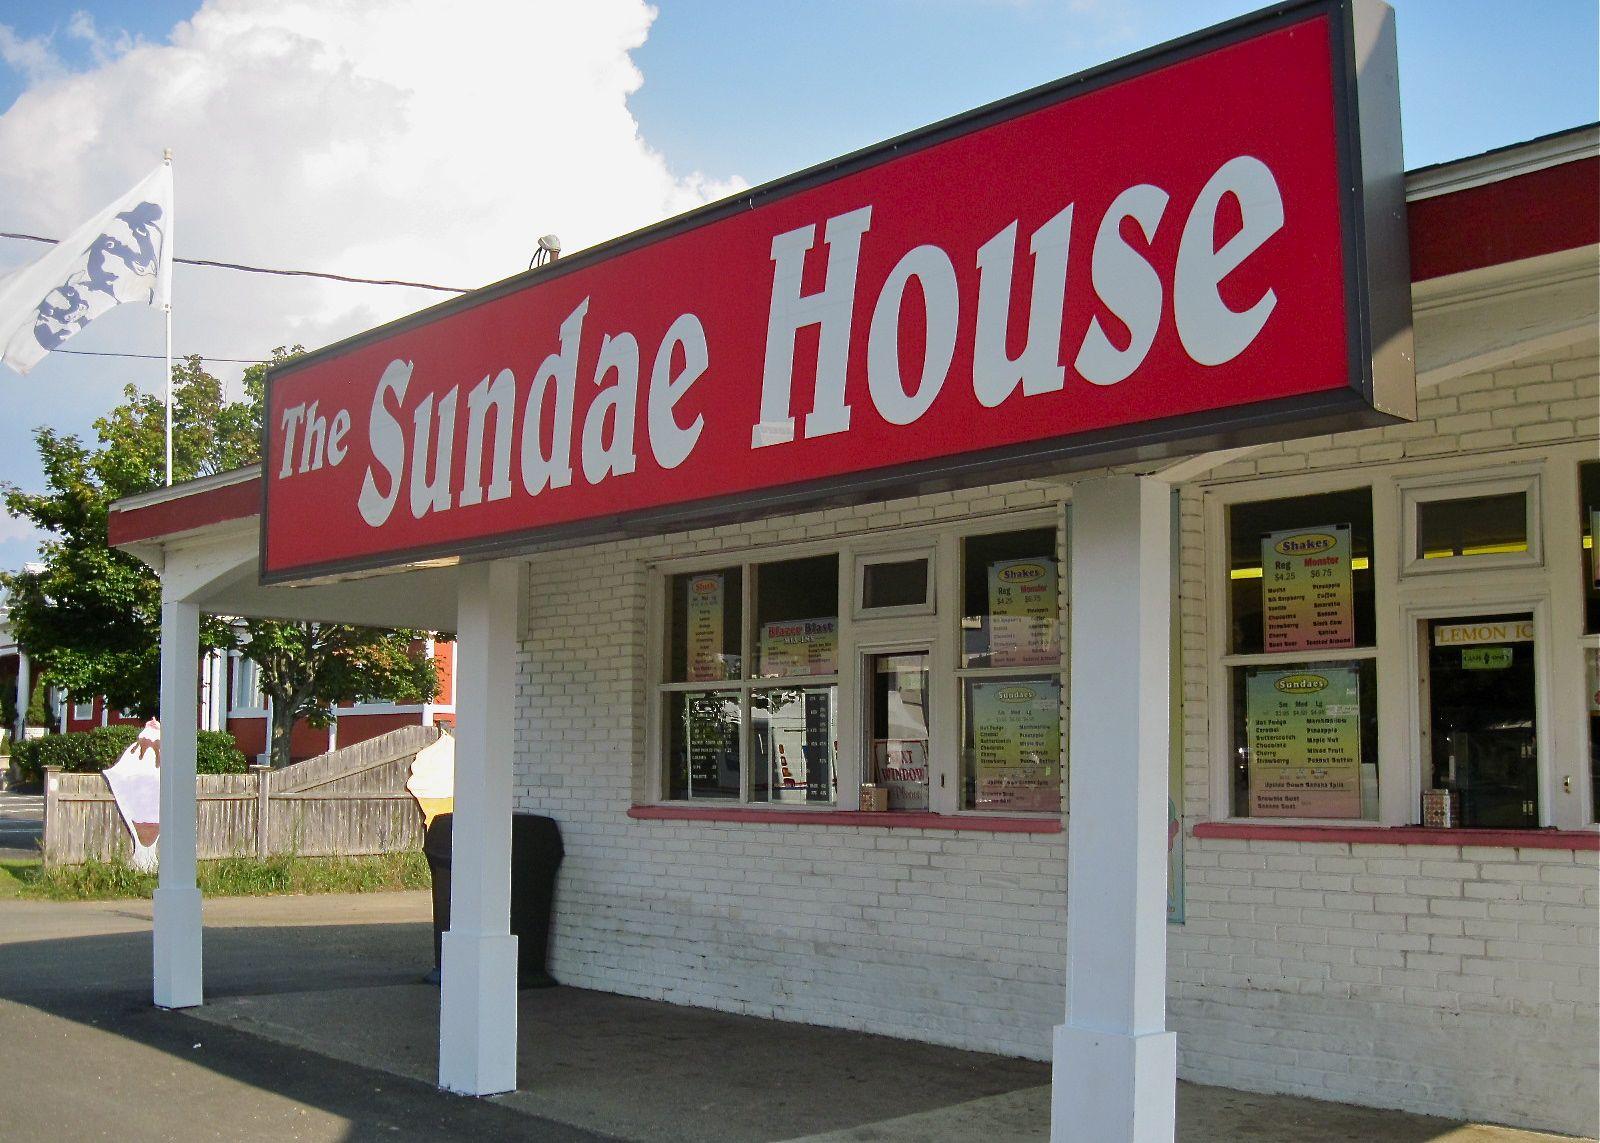 sundae house front.jpg